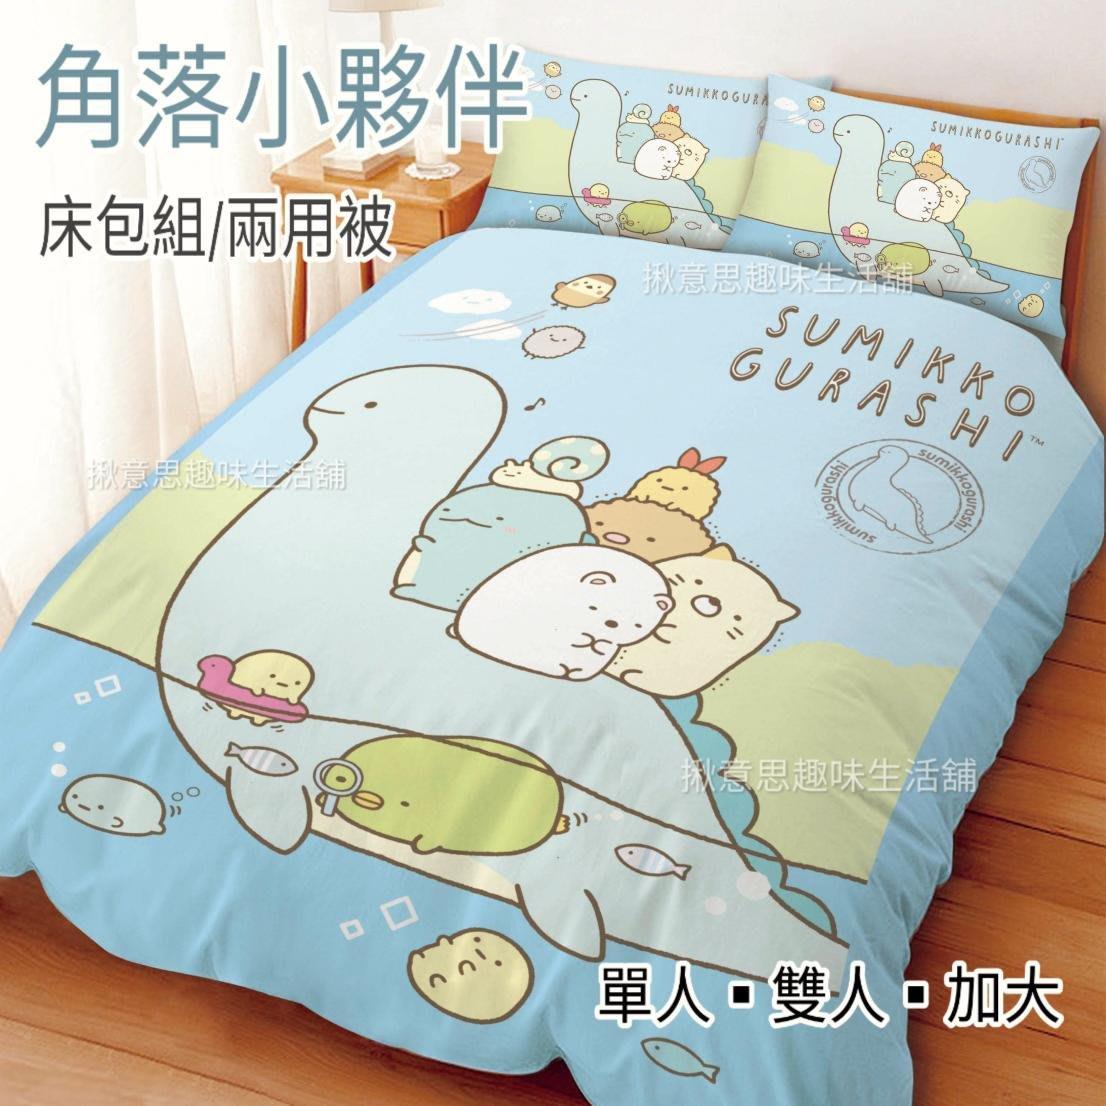 《免運》台灣製正版角落生物雙人床包兩用被四件組 恐龍世紀 現貨/台製床包組 角落小夥伴被套 雙人兩用被 台製寢具組 鬆緊帶 角落生物床包四件組 枕套床包床單被單